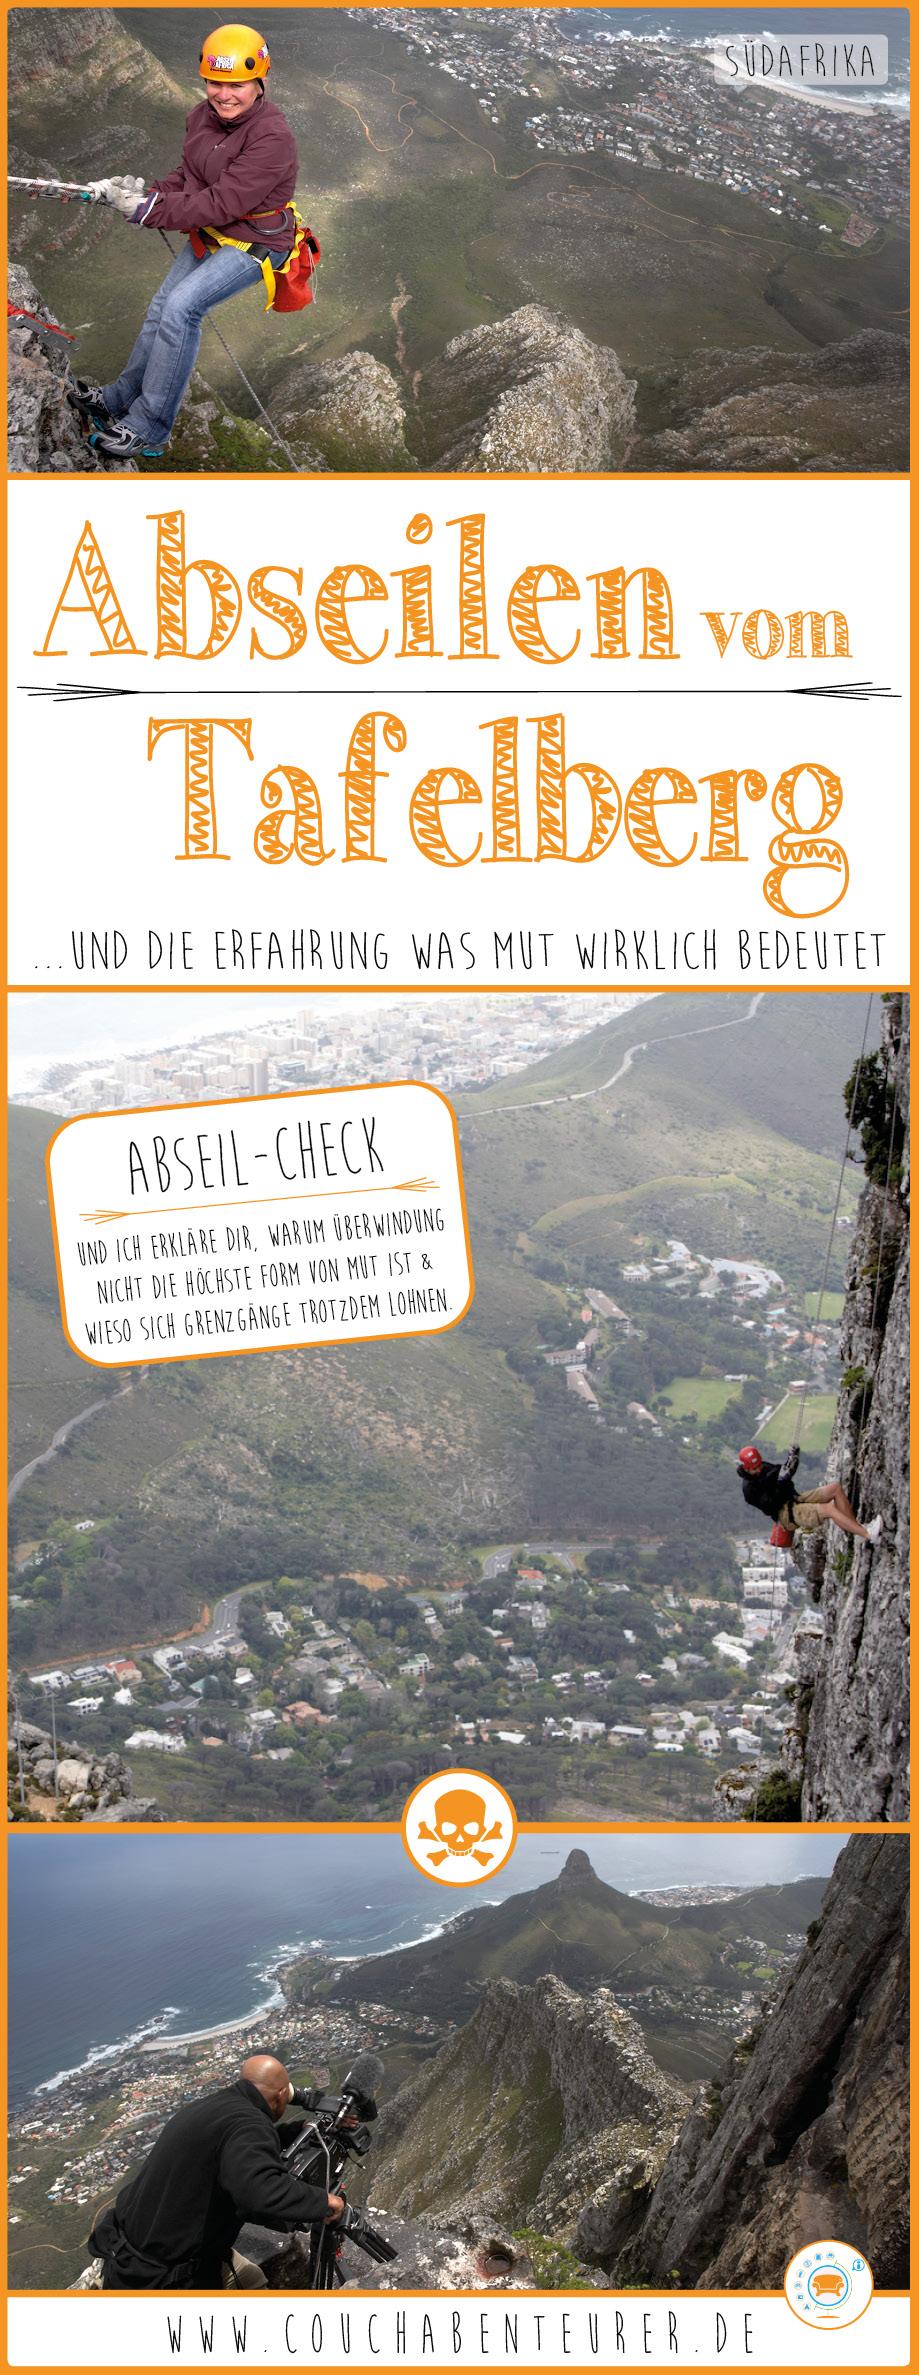 Abseilen-Tafelberg-Erfahrung